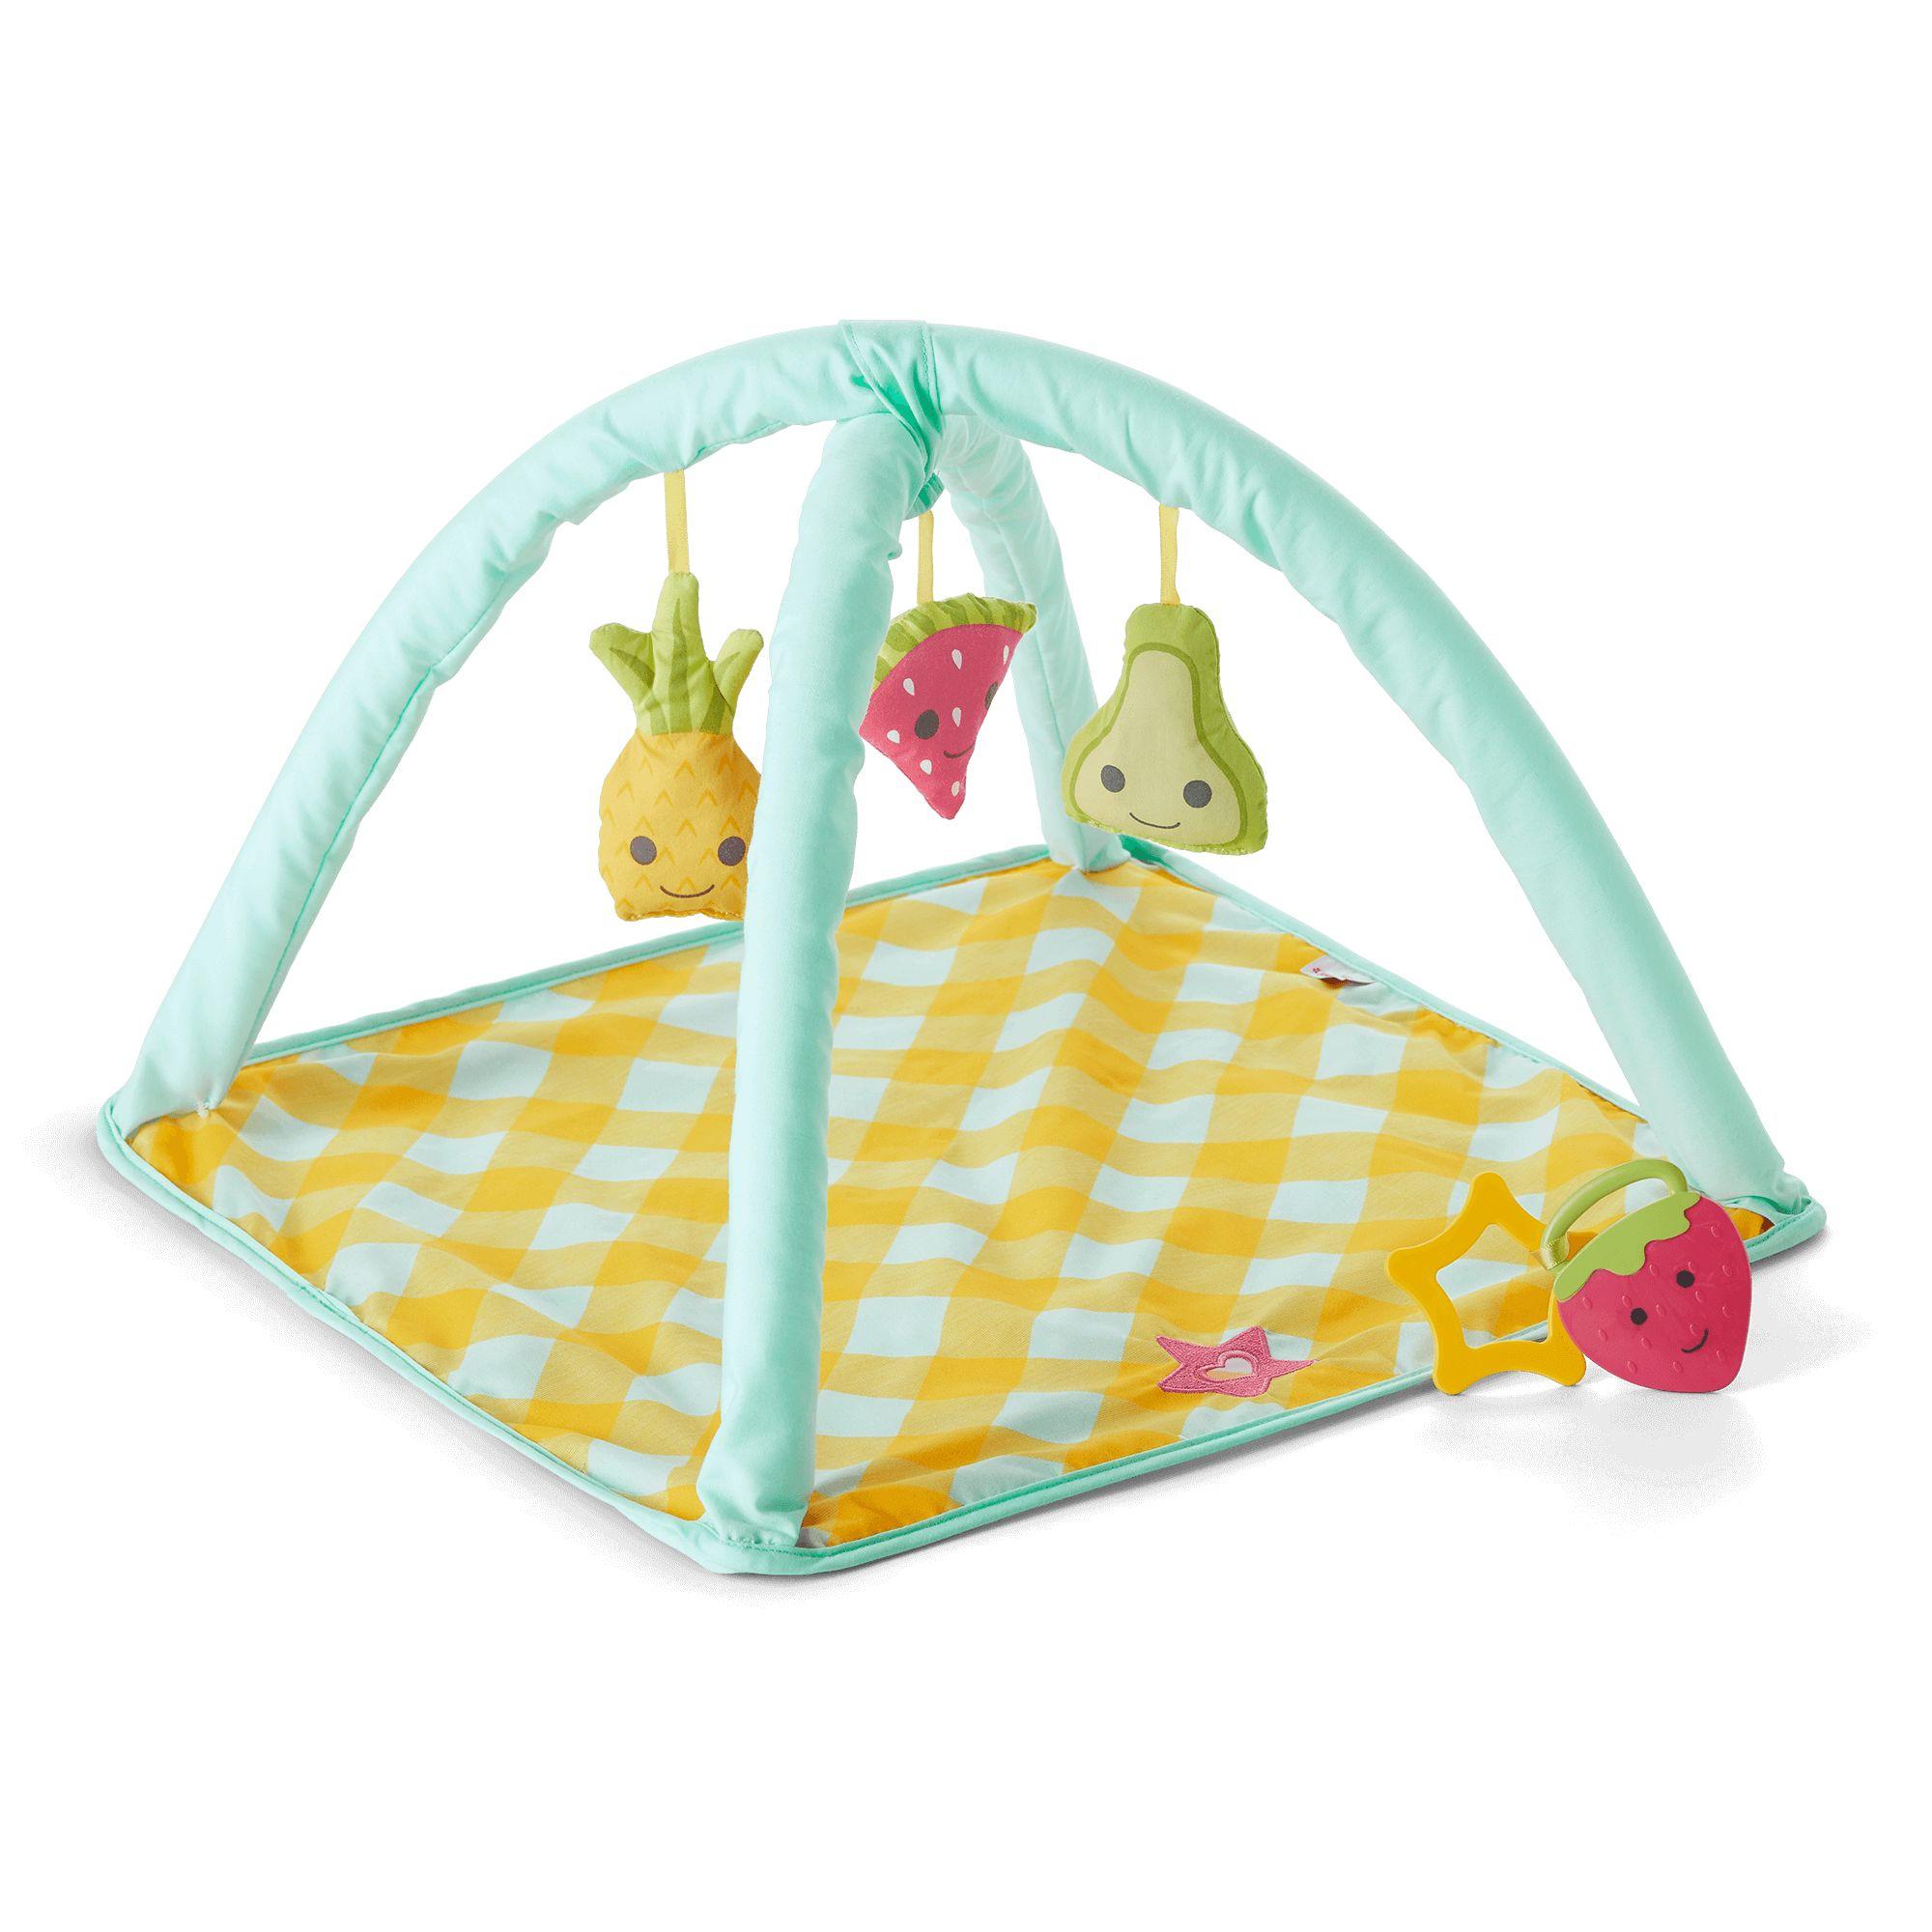 Fun Fruit Playmat